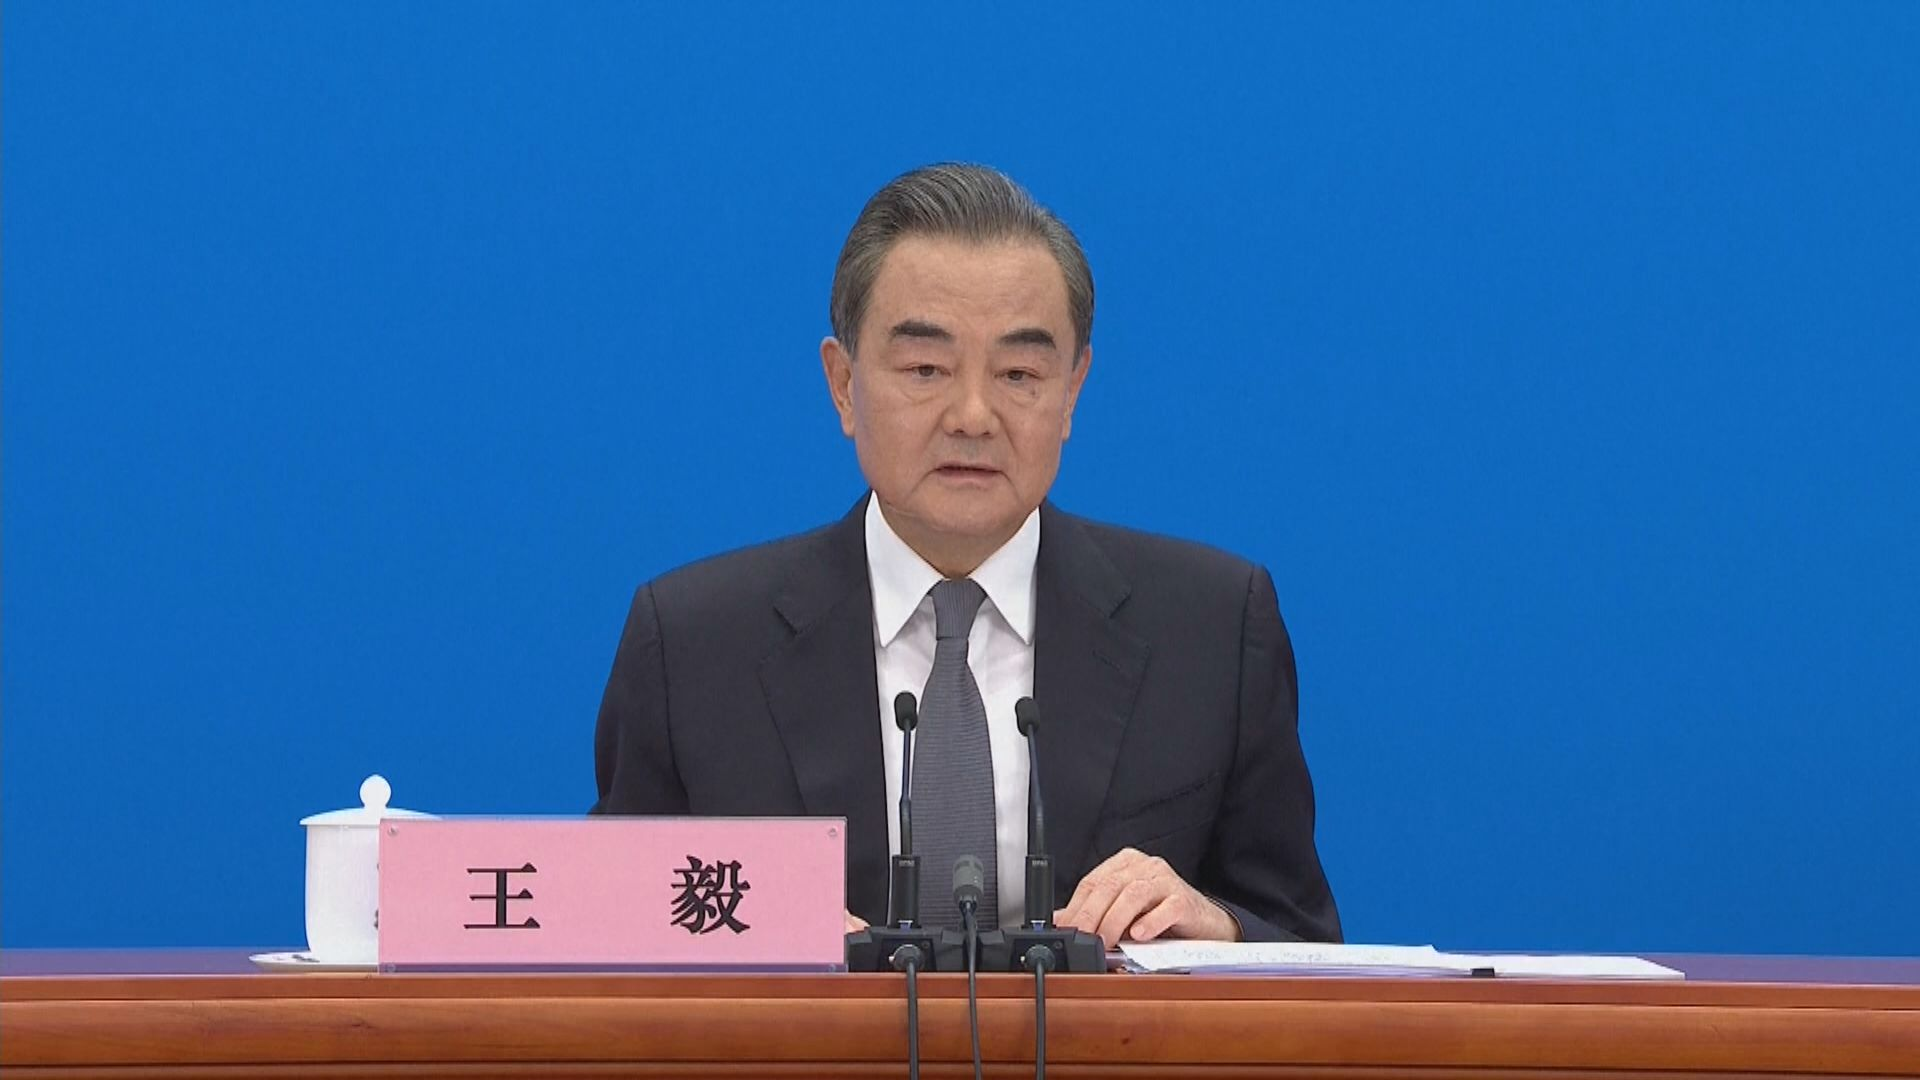 王毅:港獨組織日益猖獗 外部勢力干預對一國兩制構成巨大威脅